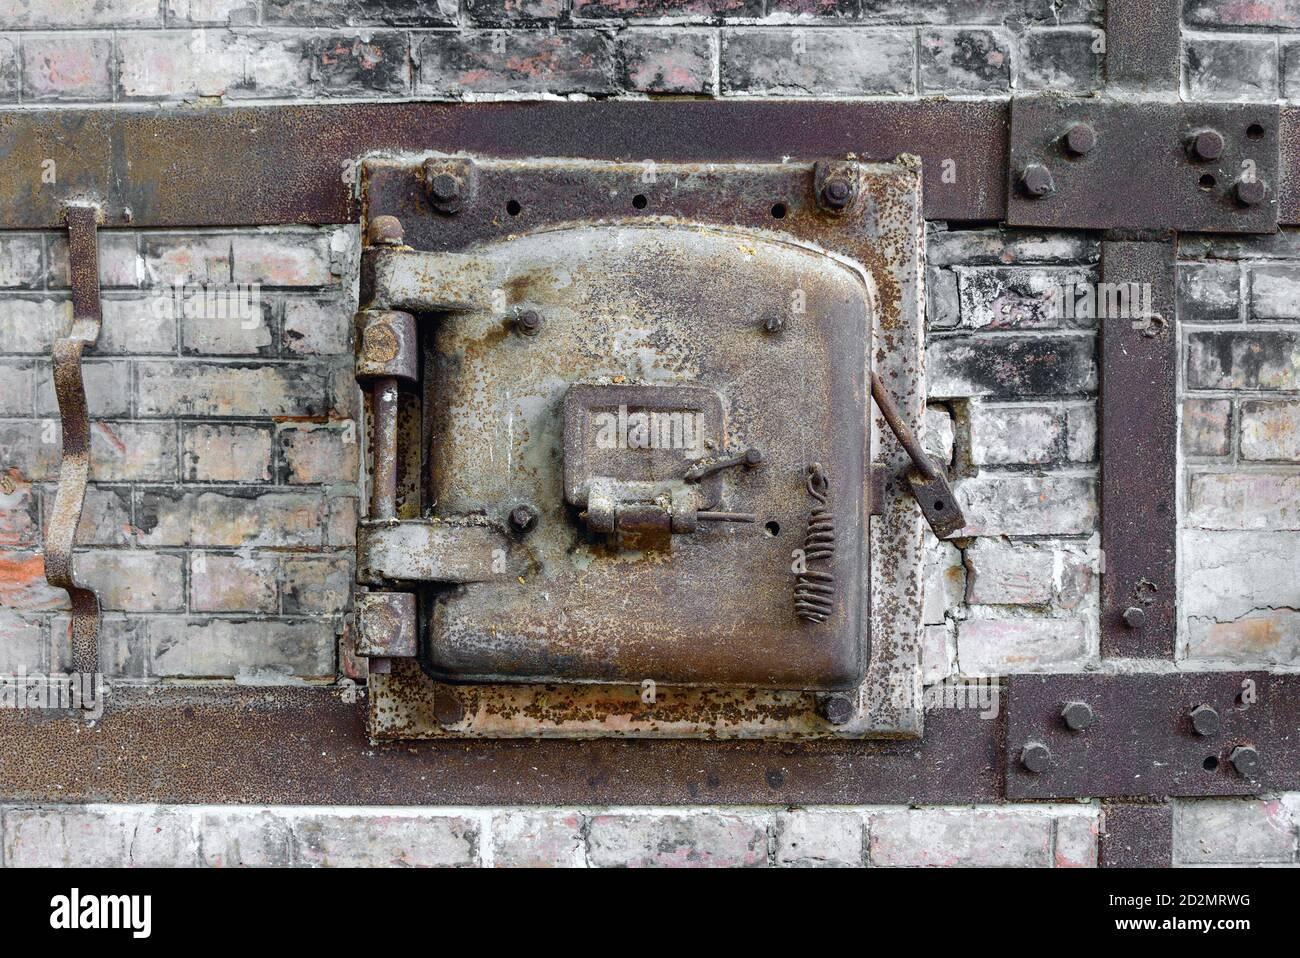 Metal Hatch Door High Resolution Stock Photography And Images Alamy Hd wallpaper metal door hatch round